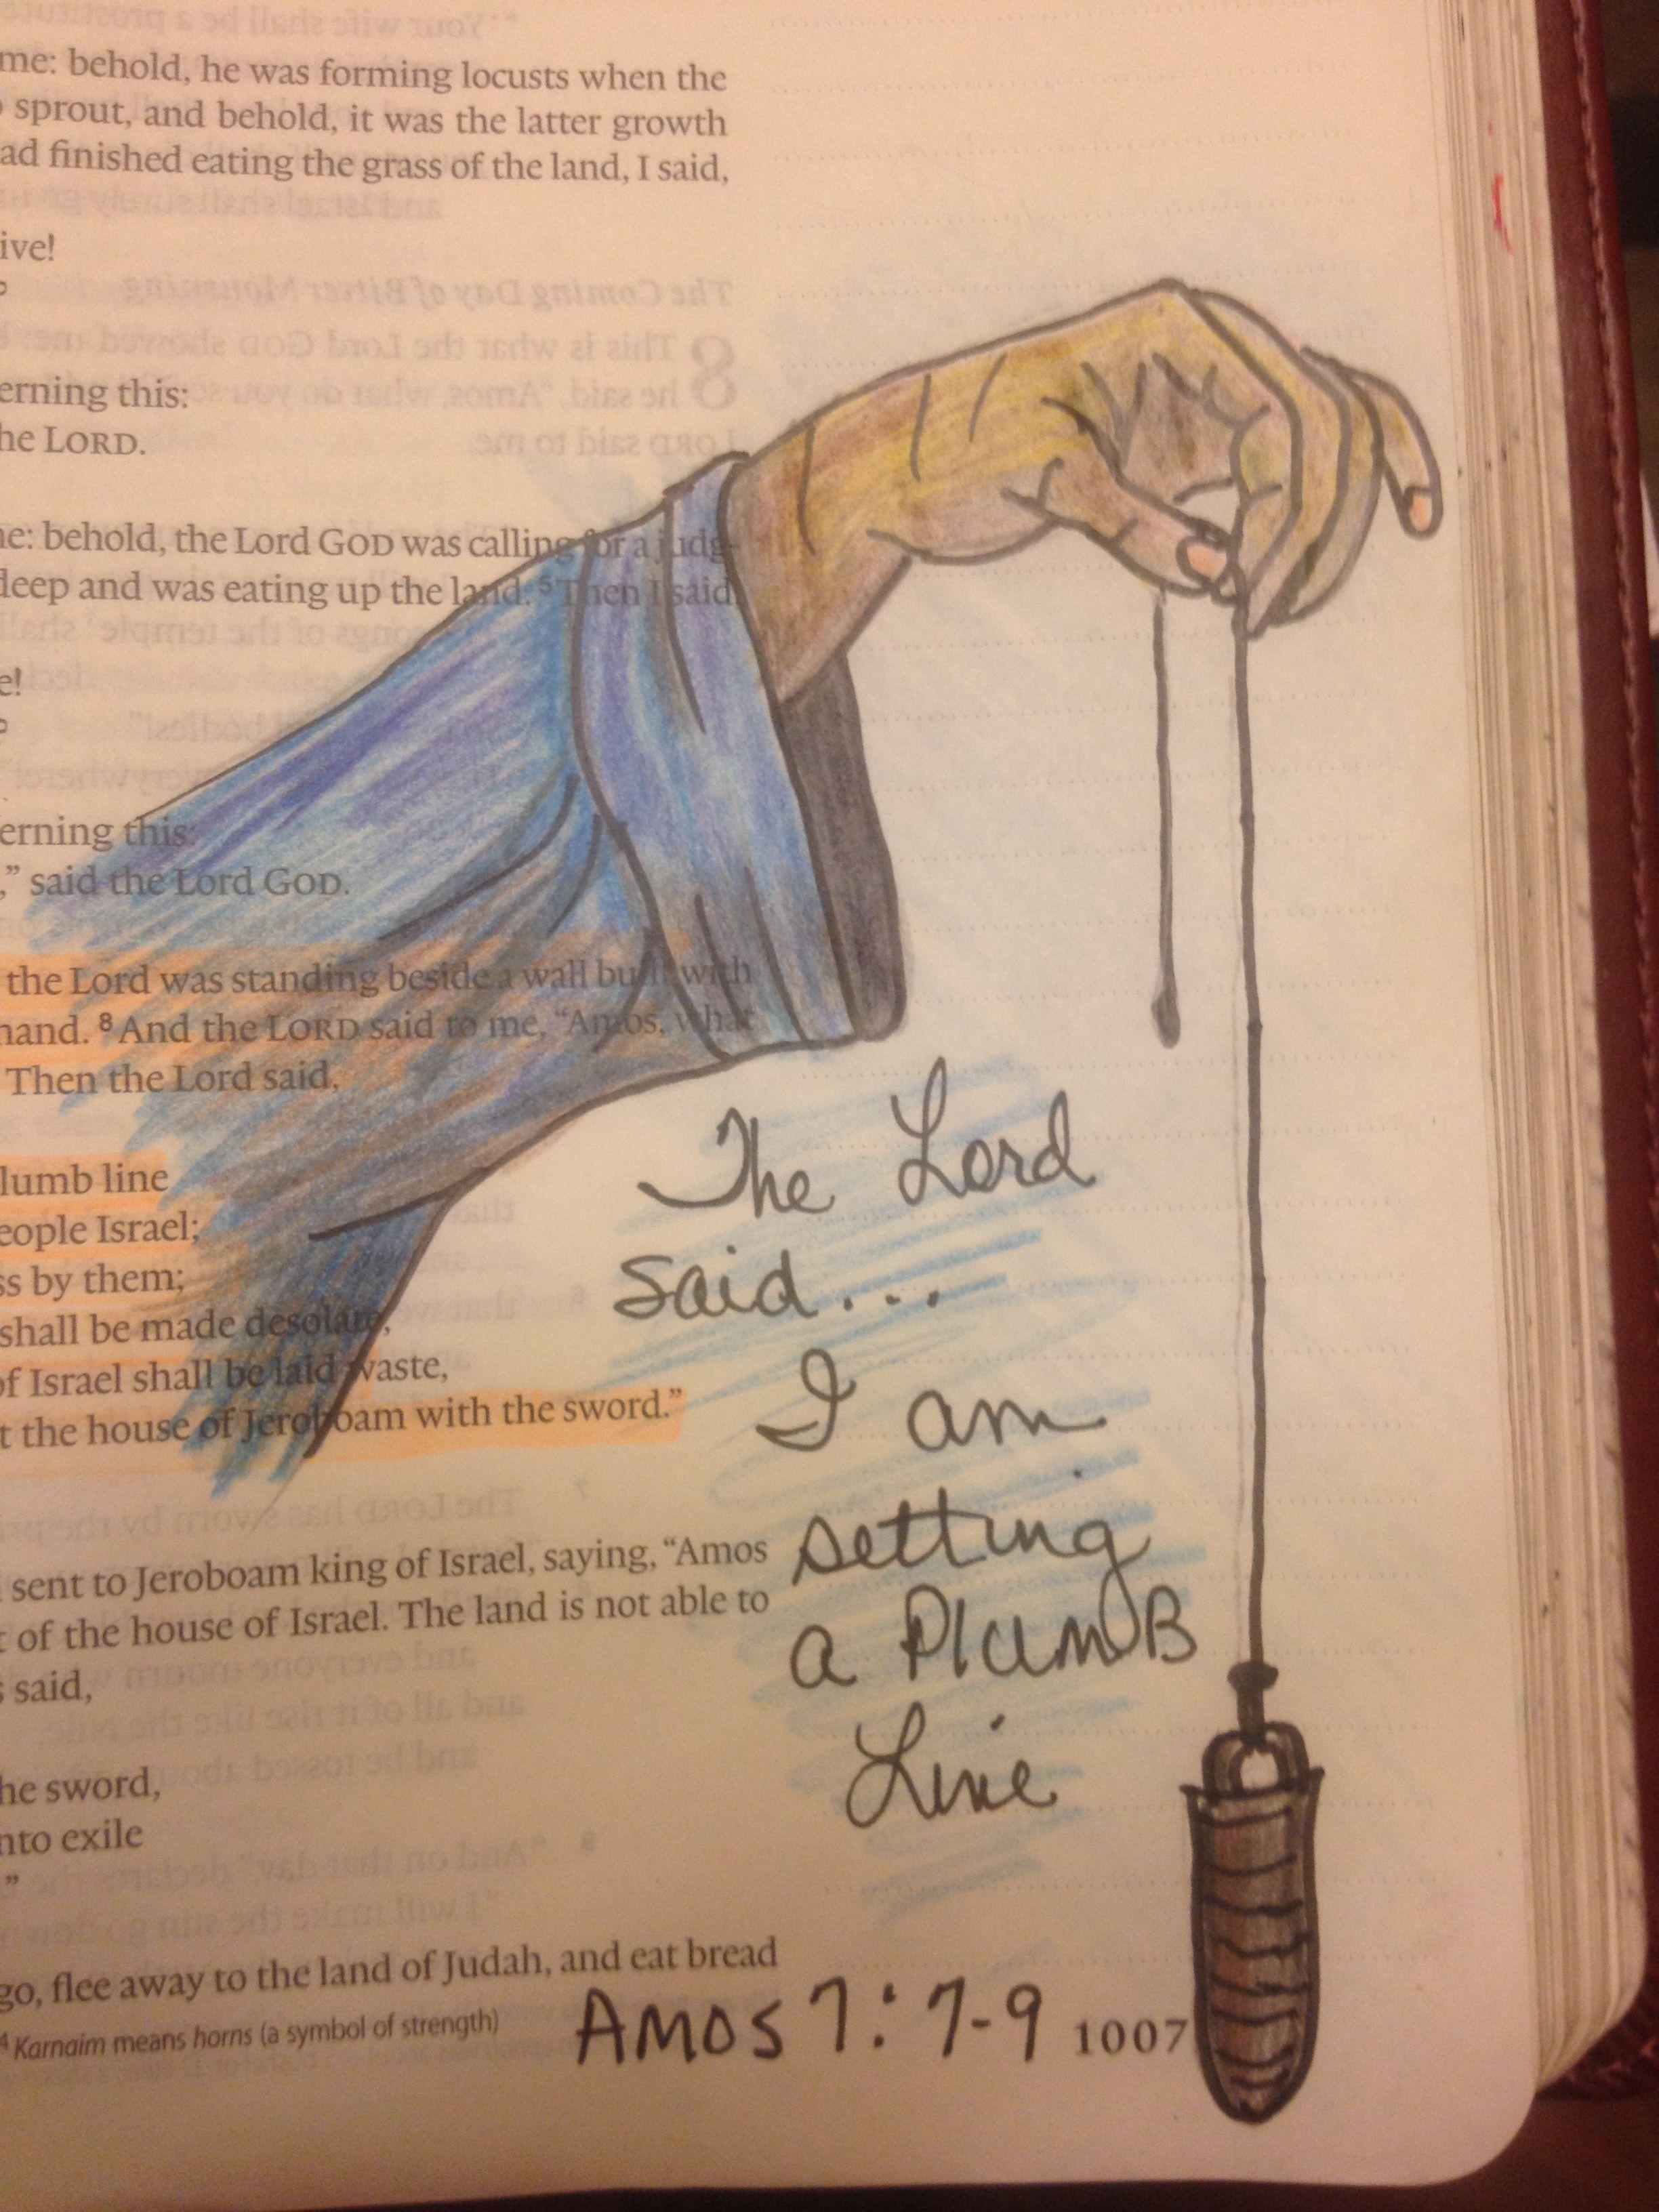 God's plumb line. Amos 7:7-9 | Bible art, Bible art journaling, Amos bible